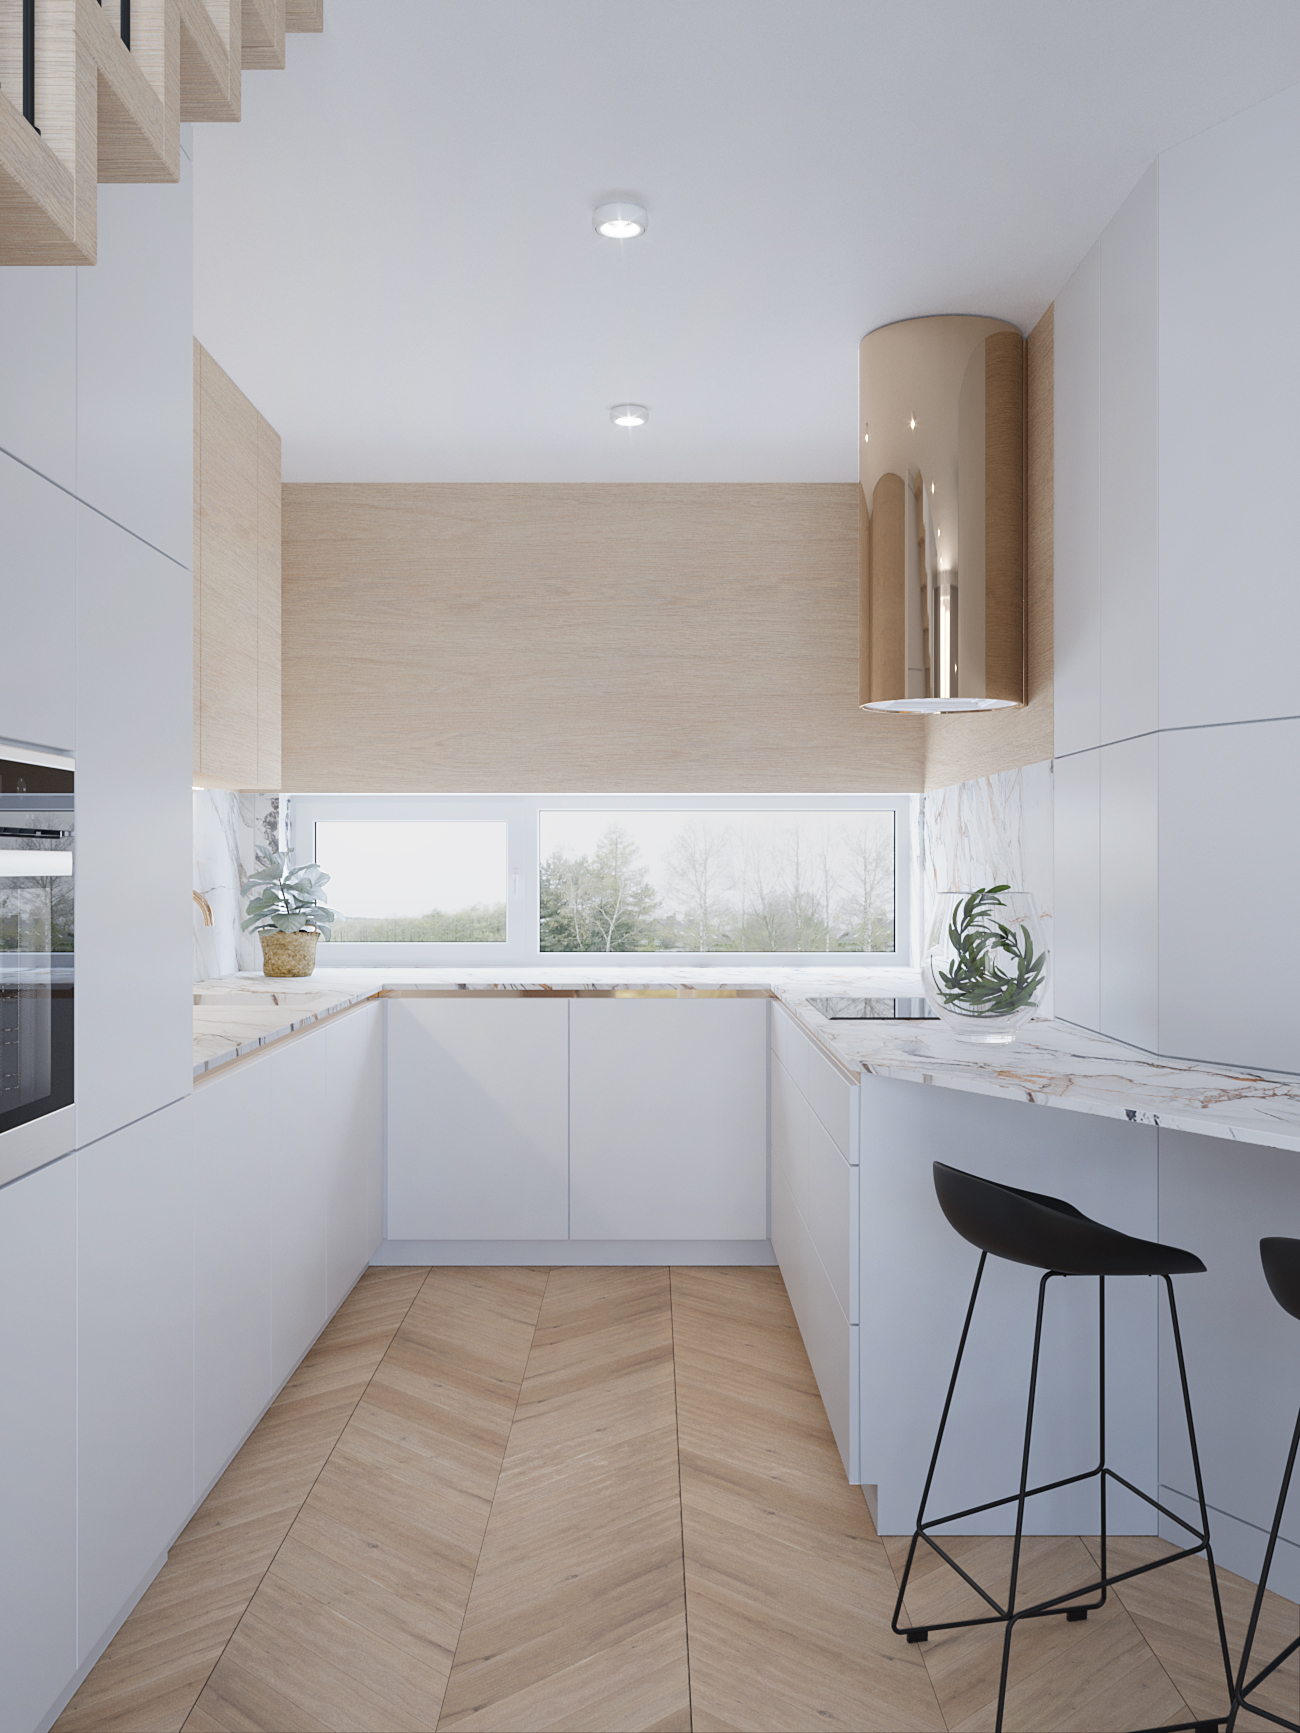 8 projektowanie wnetrz M356 mieszkanie Krakow biala kuchnia kamienny blat zloty okap czarne hokery